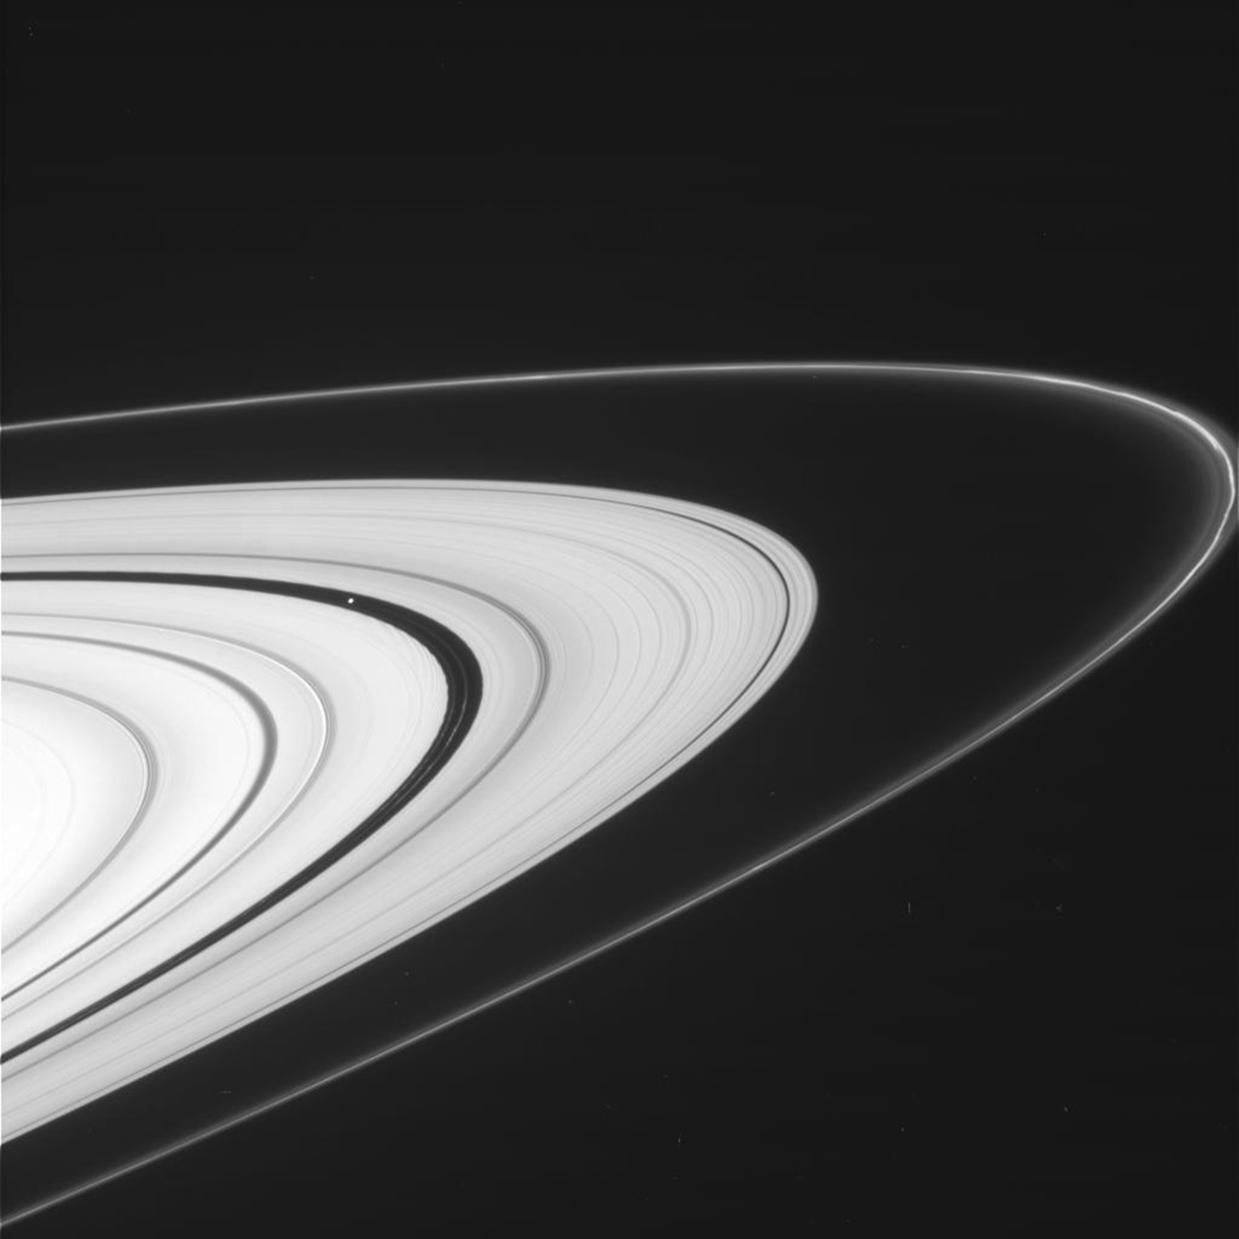 Saturn Rings Nasa Photos